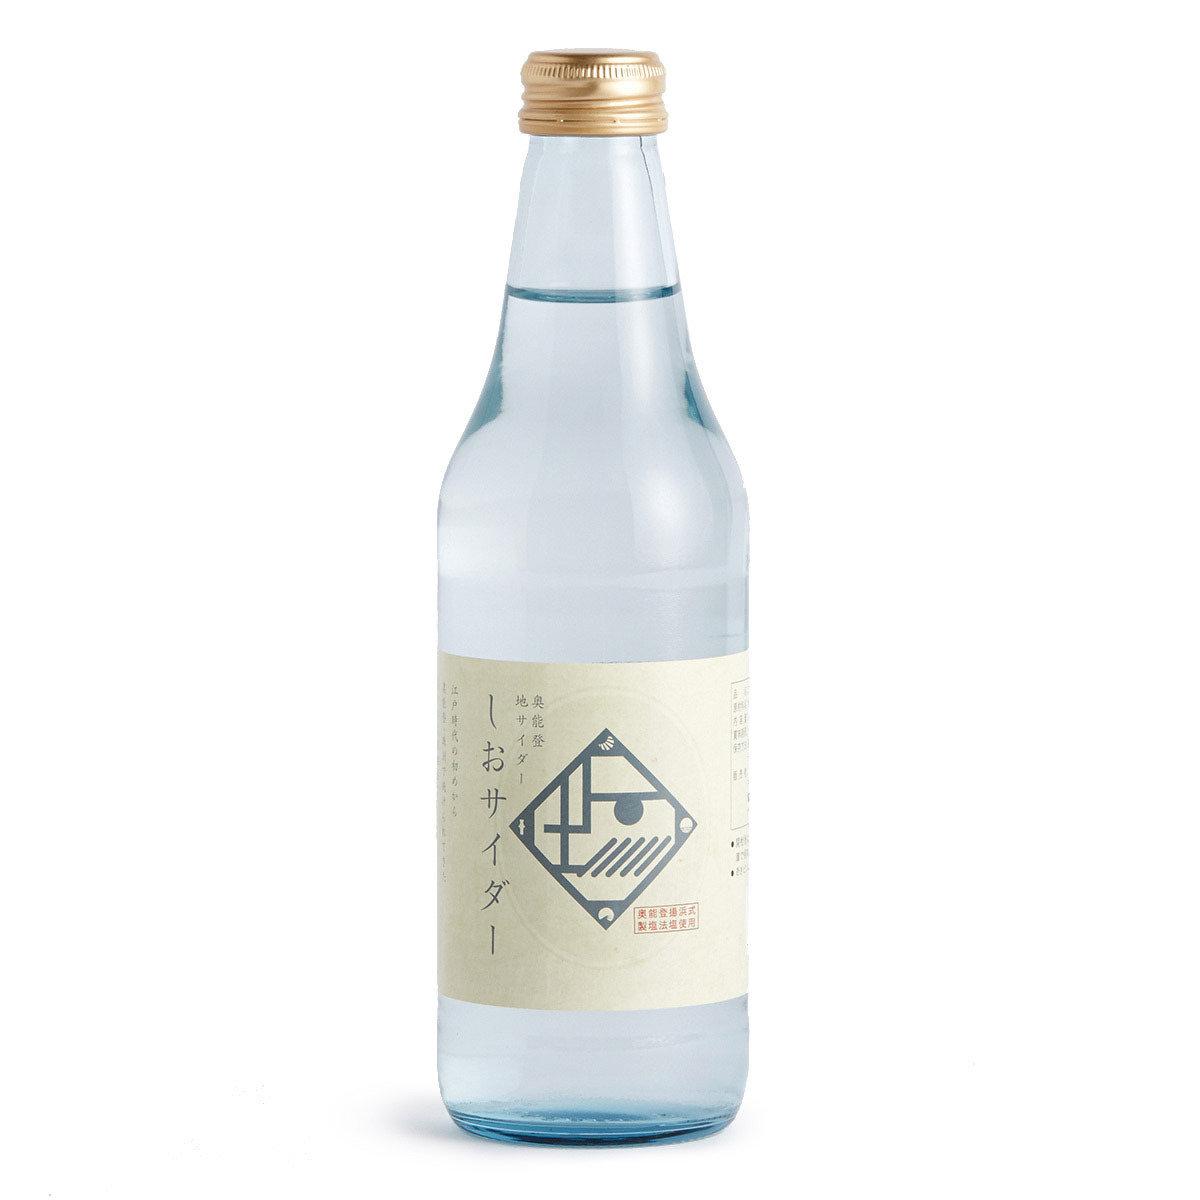 奧能登地汽水 - 鹽味汽水